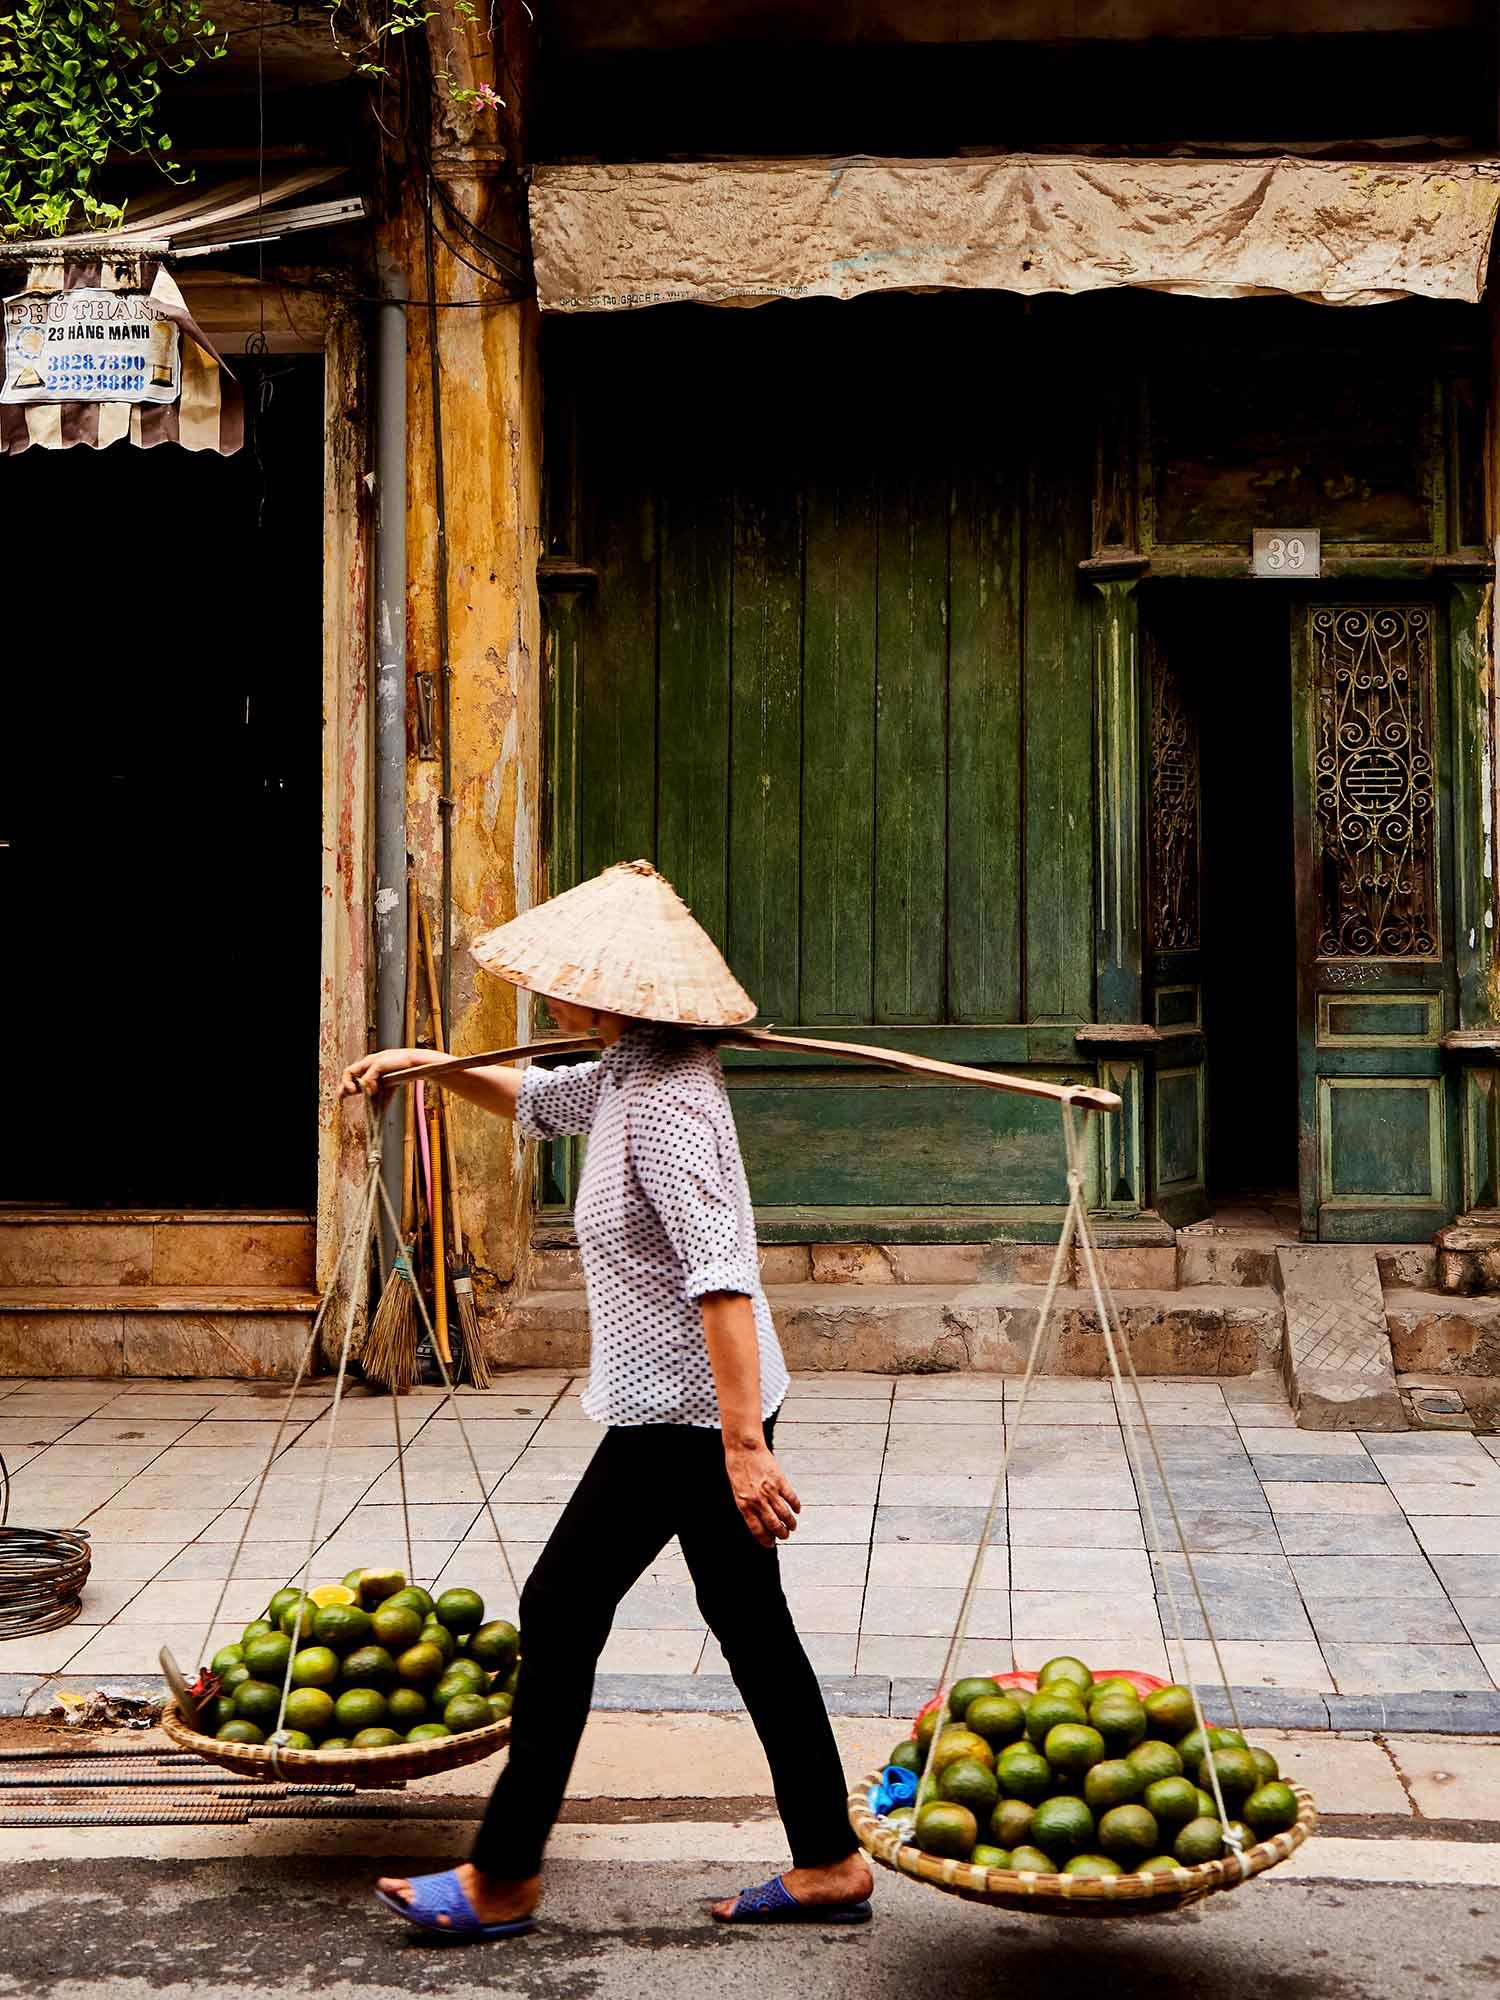 CNT_Hanoi_Old_Quarter_06.jpg